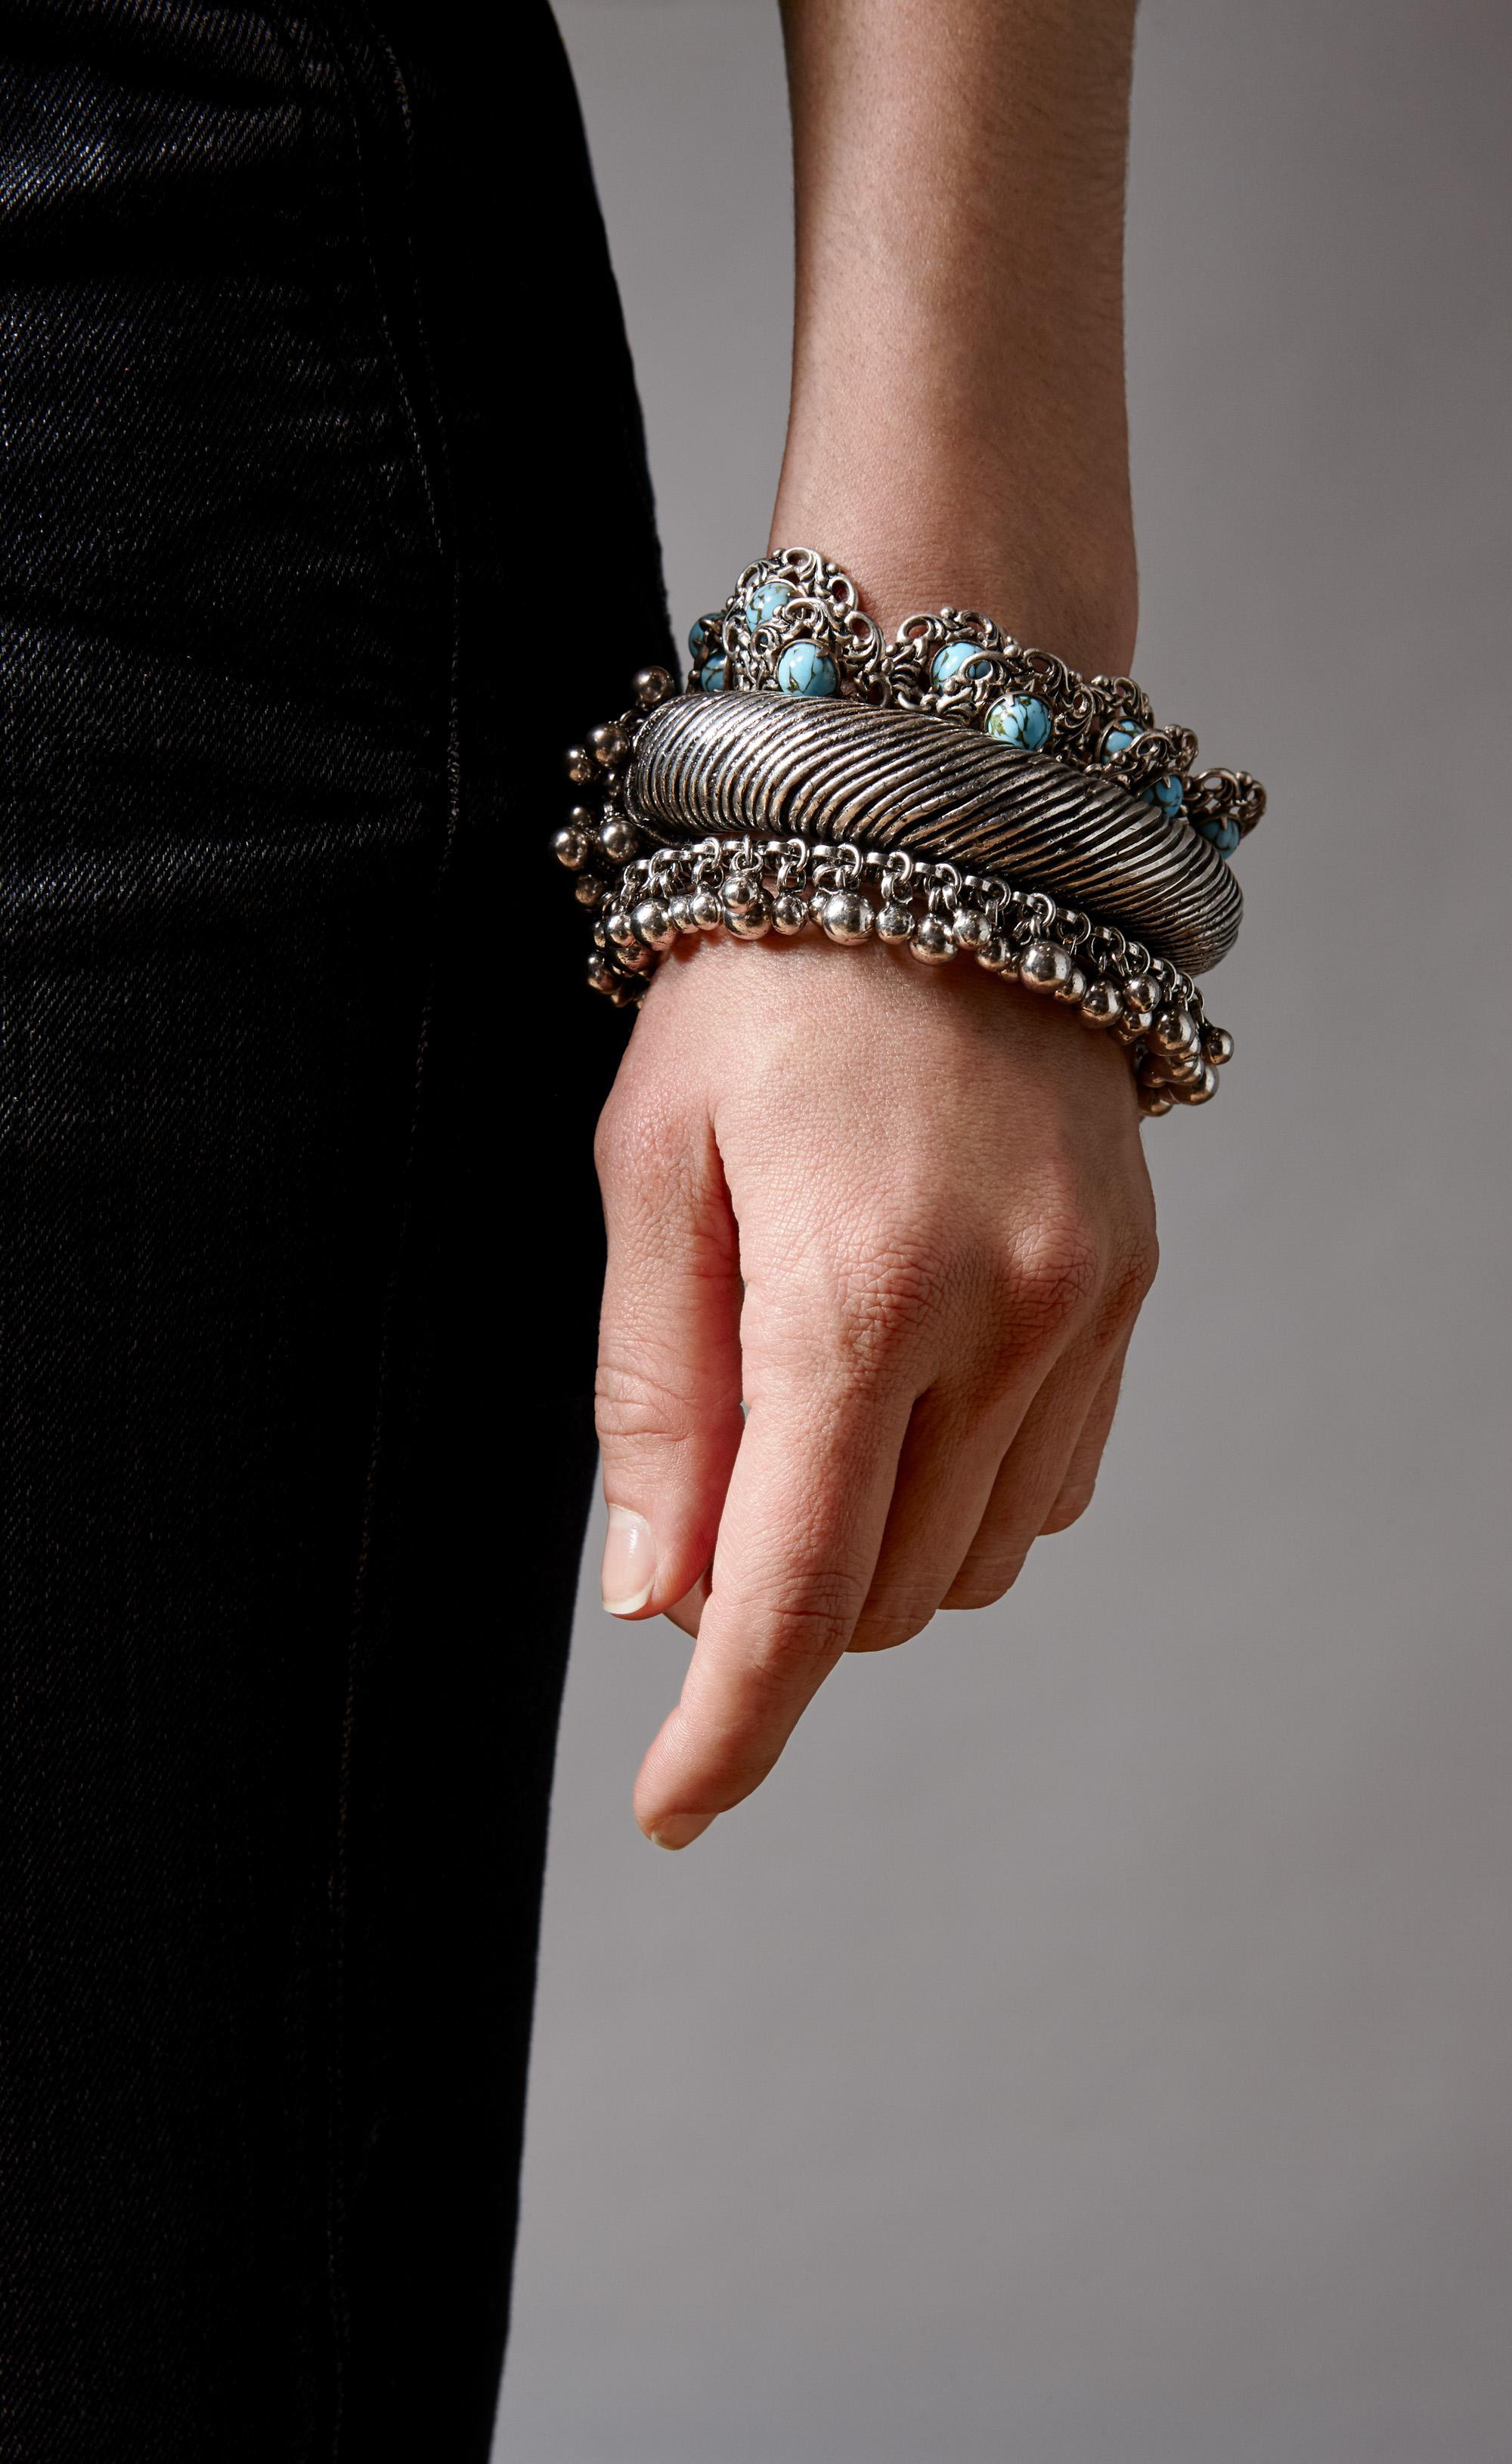 f9ecb571c3 Women's Metallic Ysl Folk Bracelet With Bells In Silver Metal.